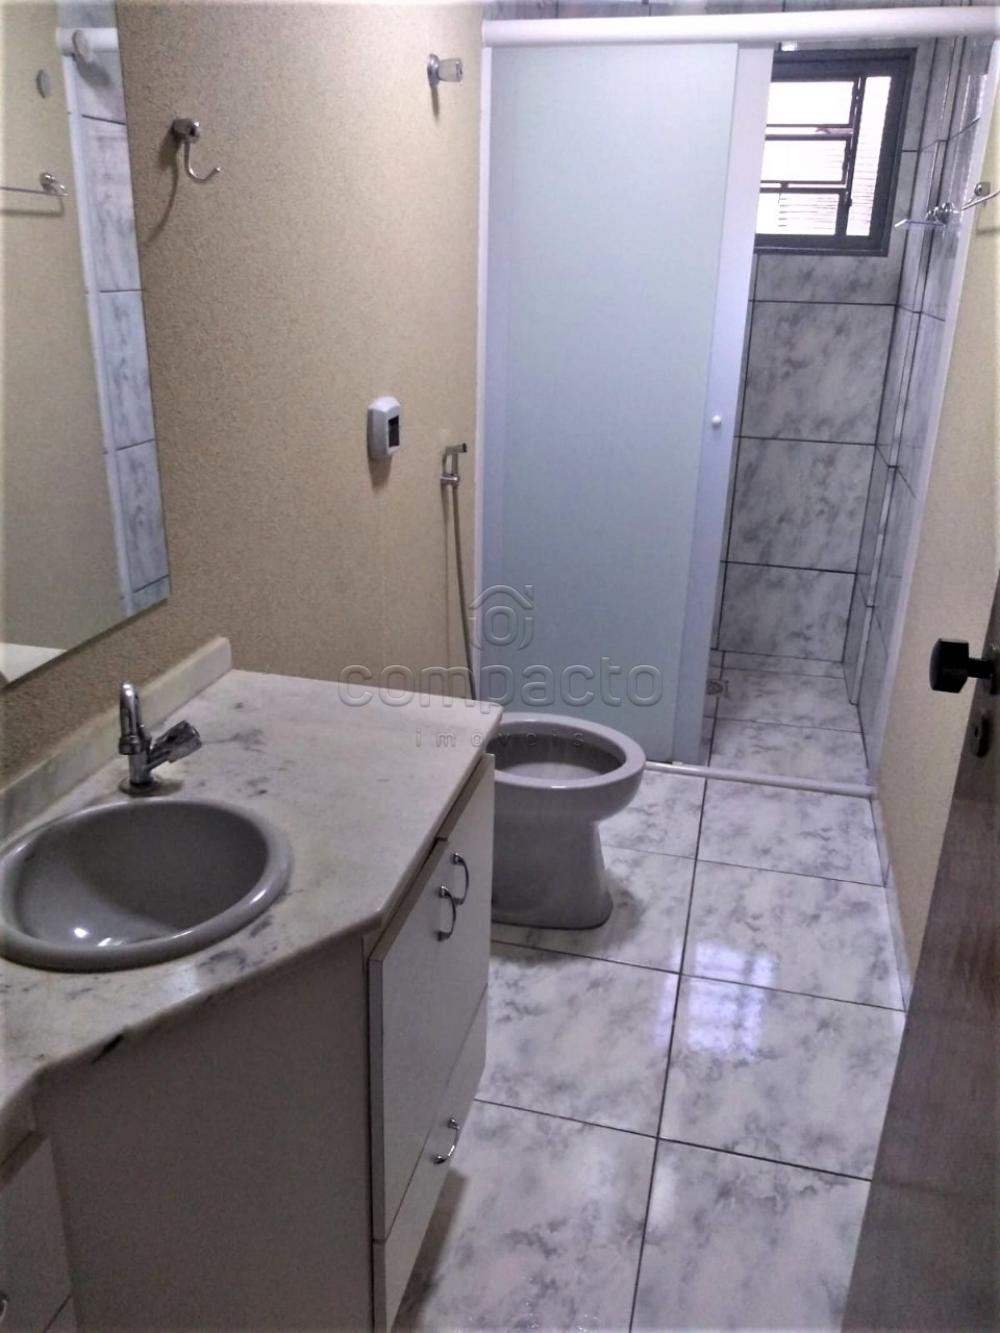 Alugar Apartamento / Padrão em São José do Rio Preto R$ 1.600,00 - Foto 12